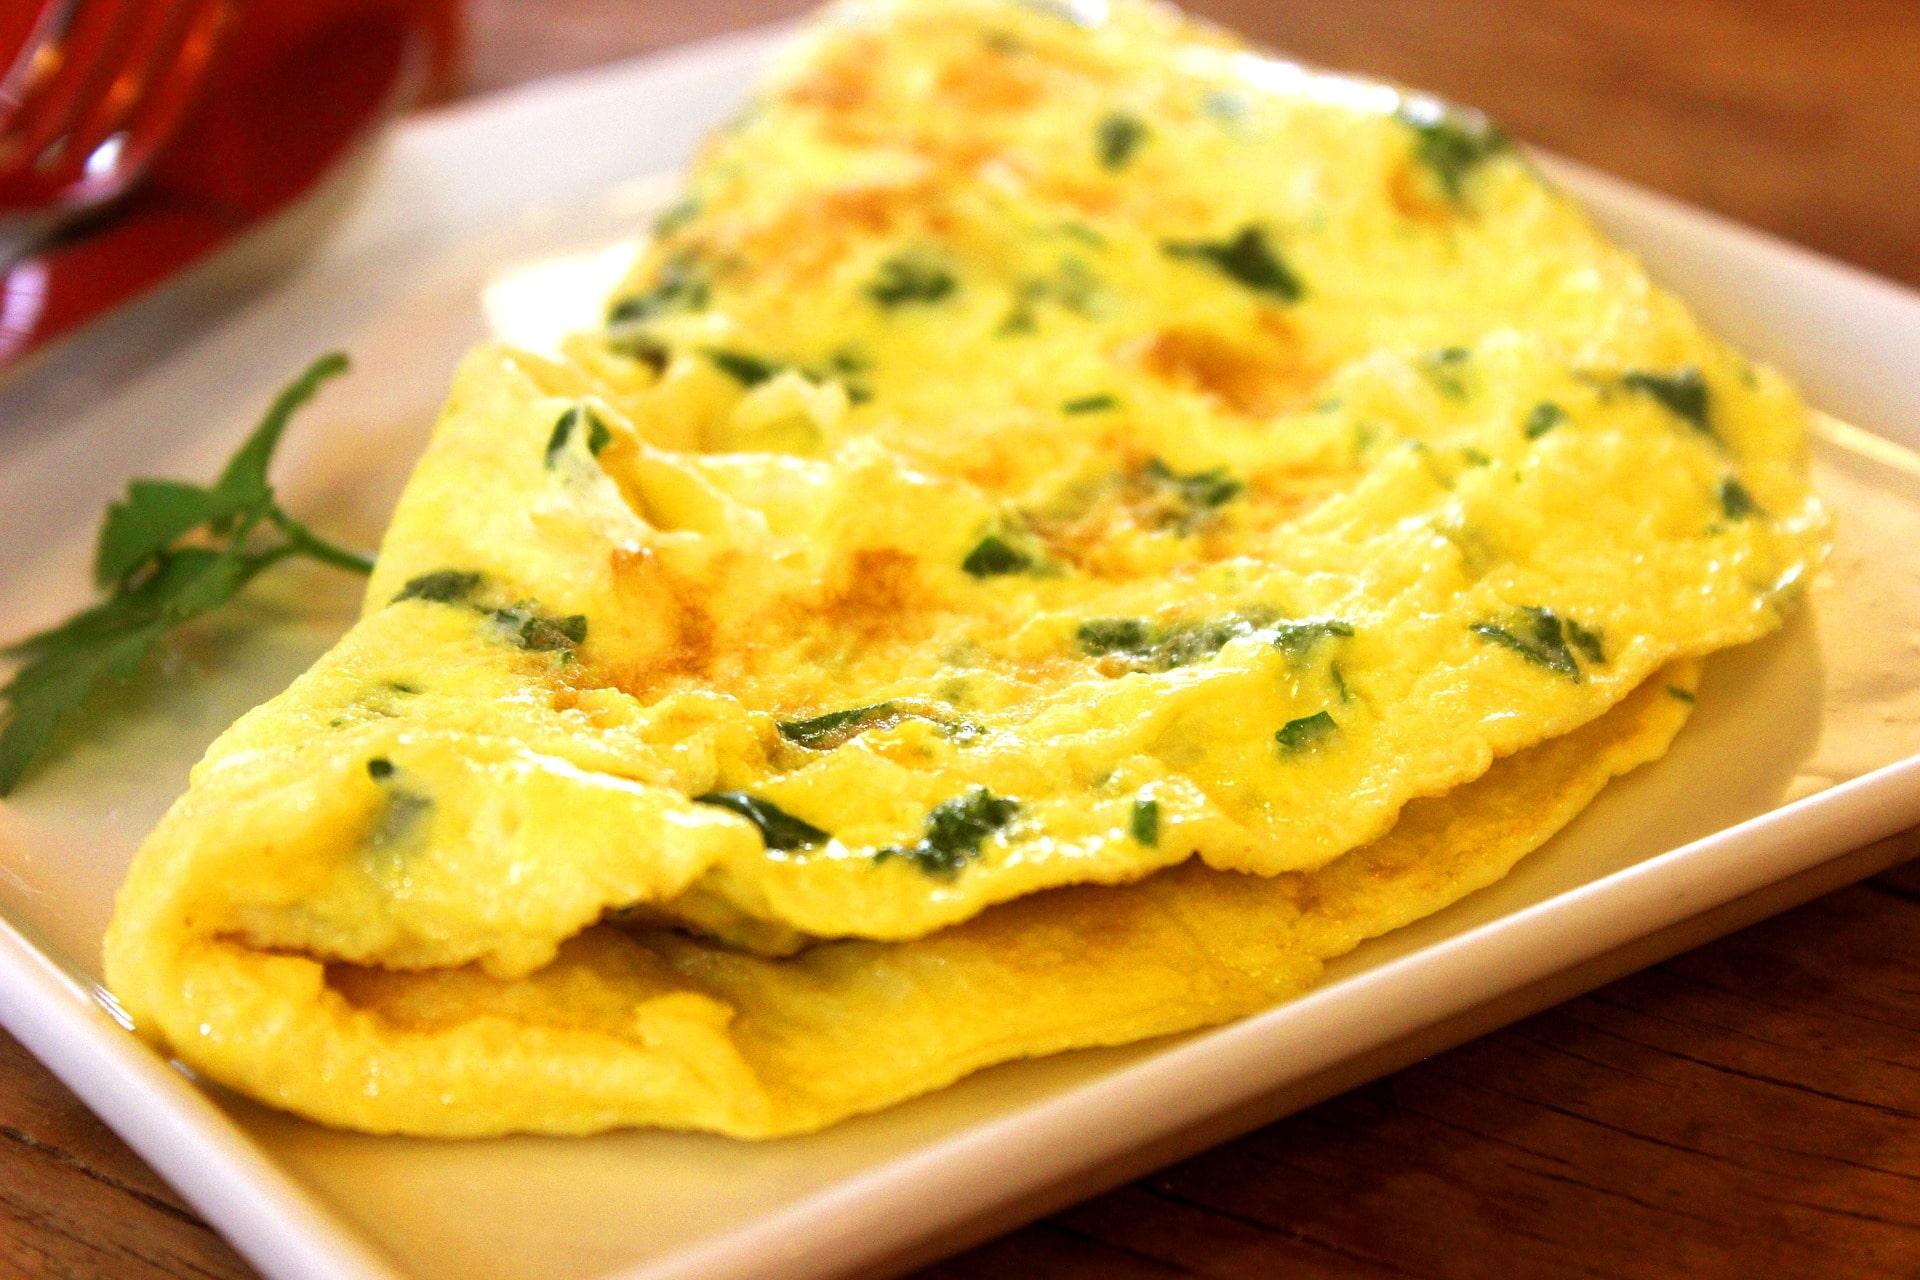 Vaječná omeleta s parmazánem je skvělou volbou / foto: pixabay.com